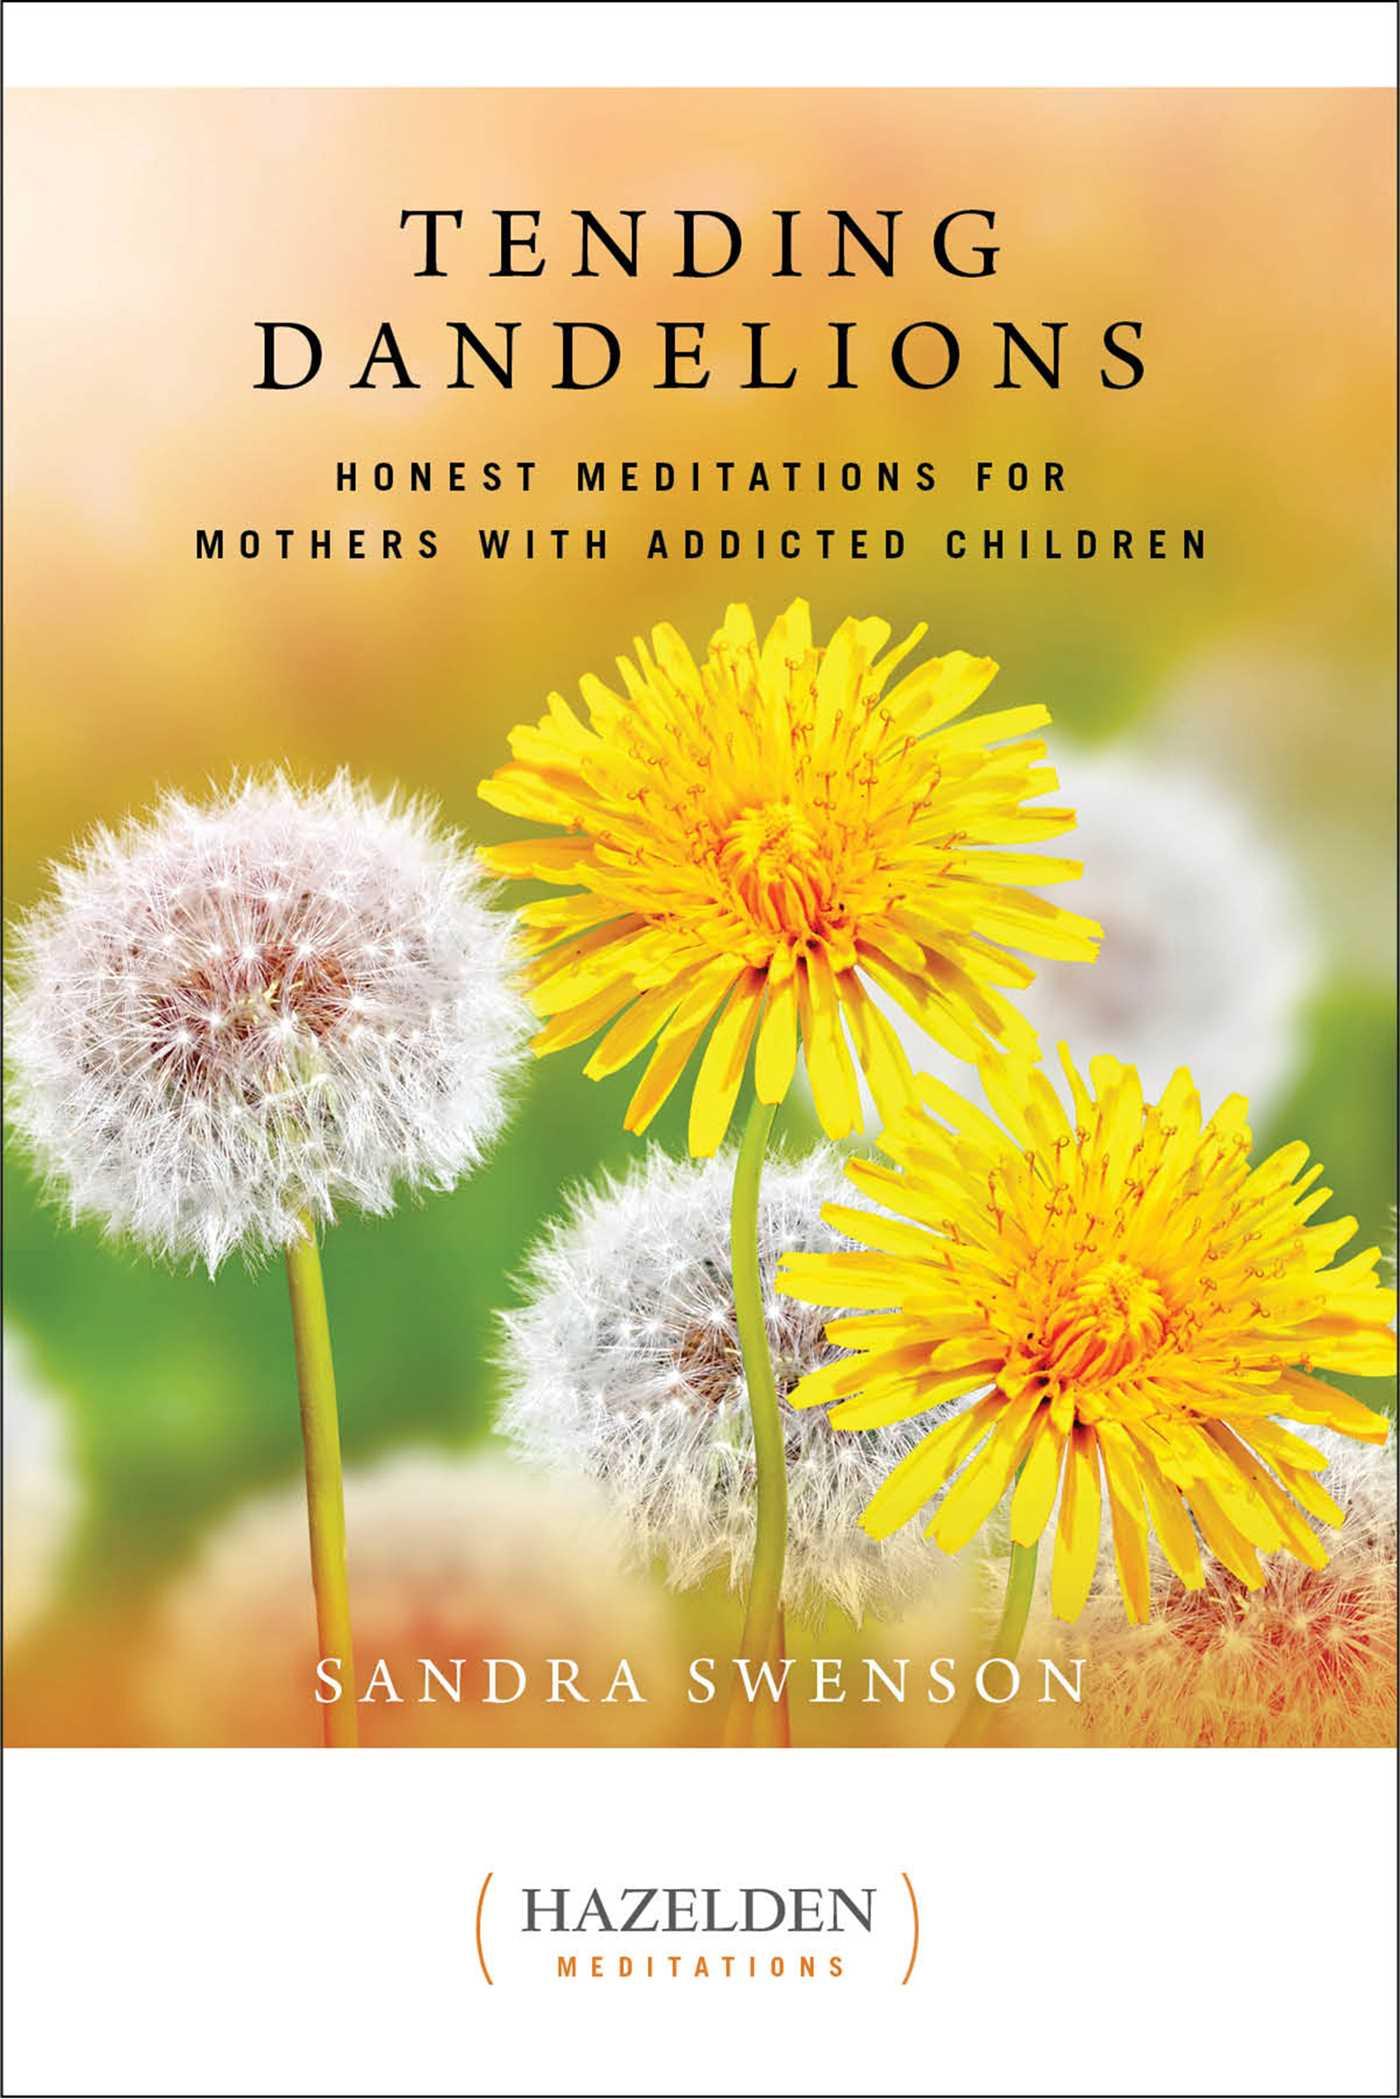 Tending dandelions 9781616497200 hr